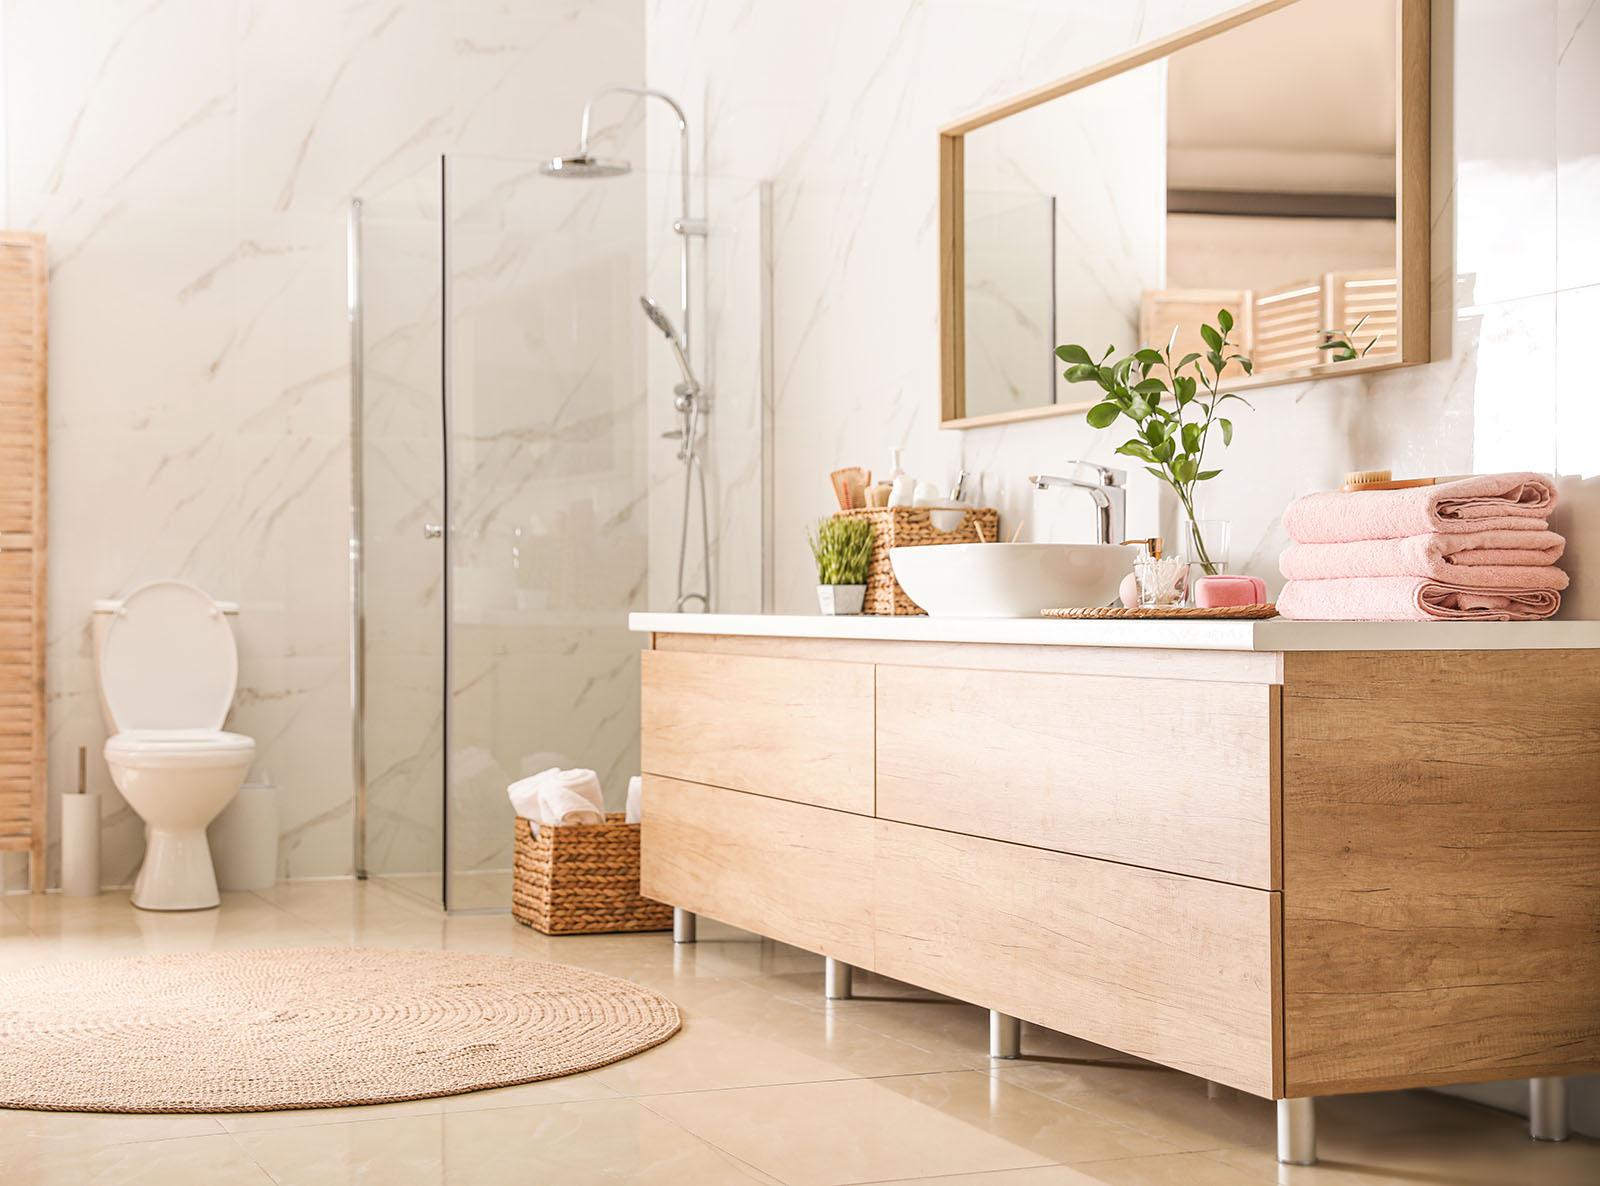 Hör av er till oss för badrumsrenovering i Sundsvall. Vi har god expertis och lång erfarenhet av badrumsrenovering i Sundsvall.